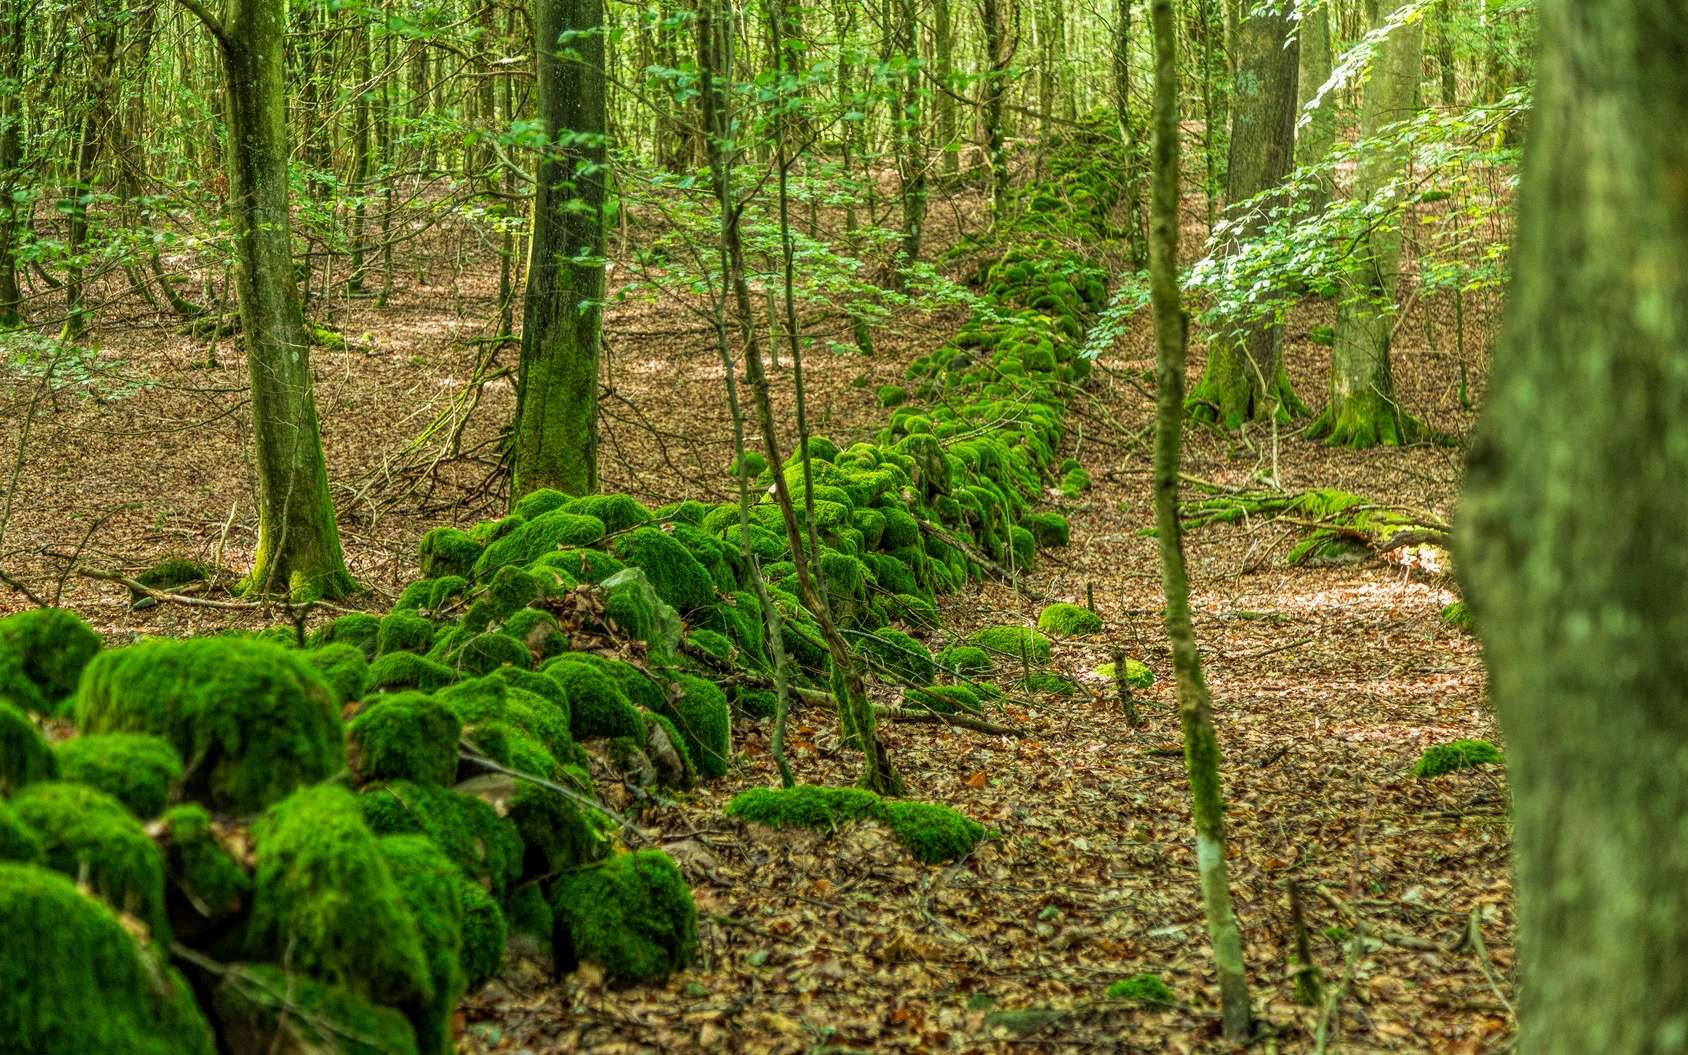 Promenade en forêt : attention aux tiques ! © Björn Kristersson, Fotolia